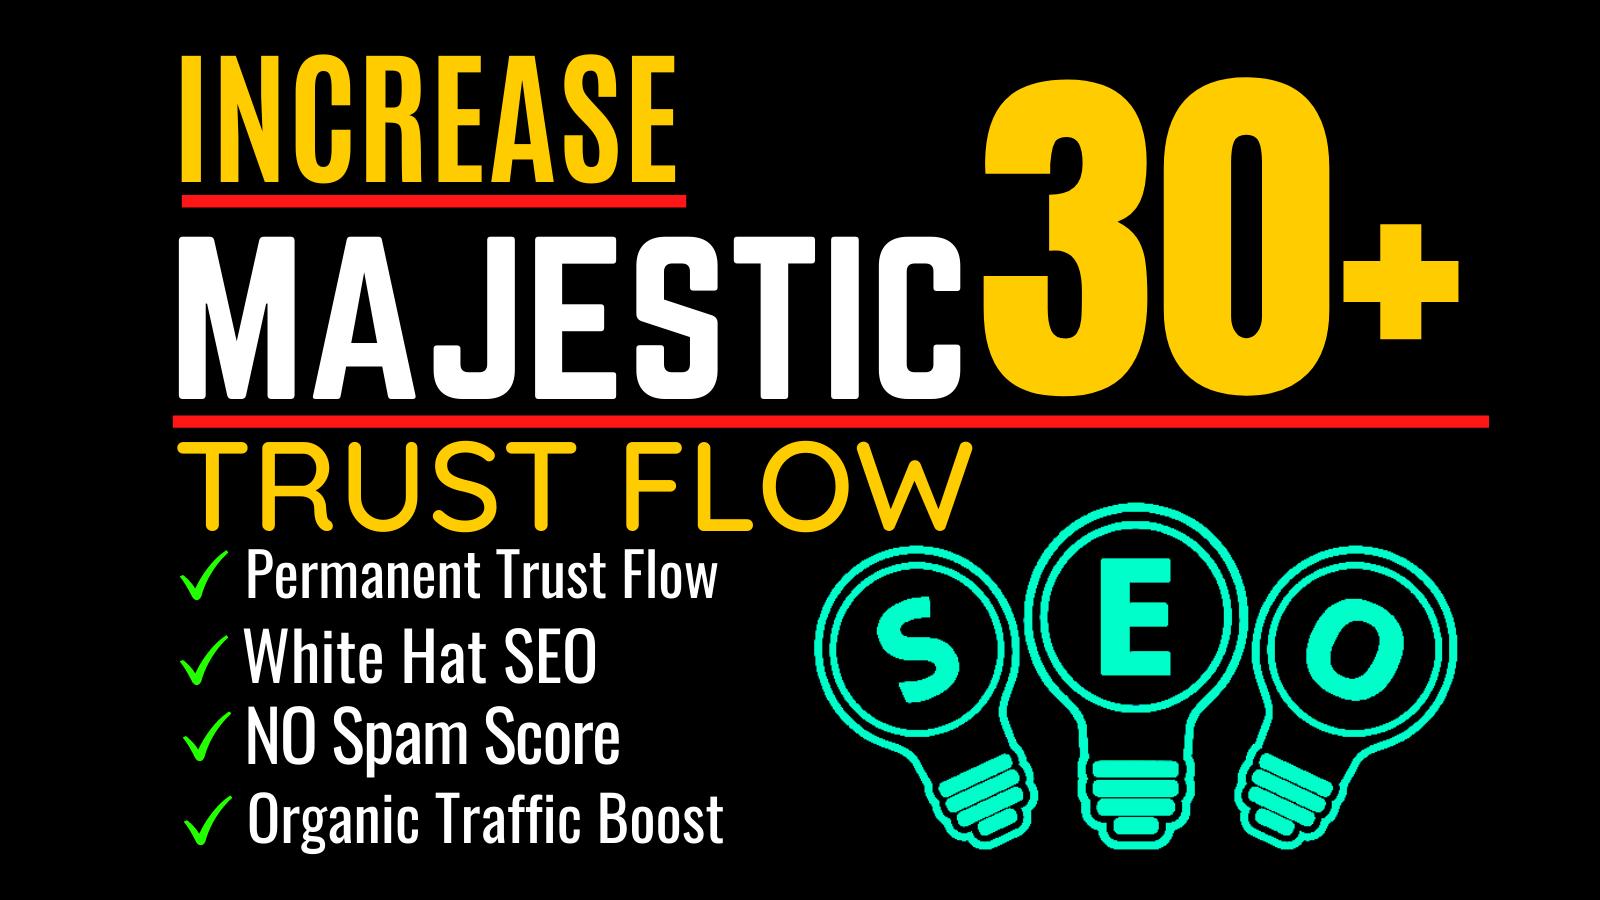 I will increase trust flow,  majestic tf 30 plus guaranteed